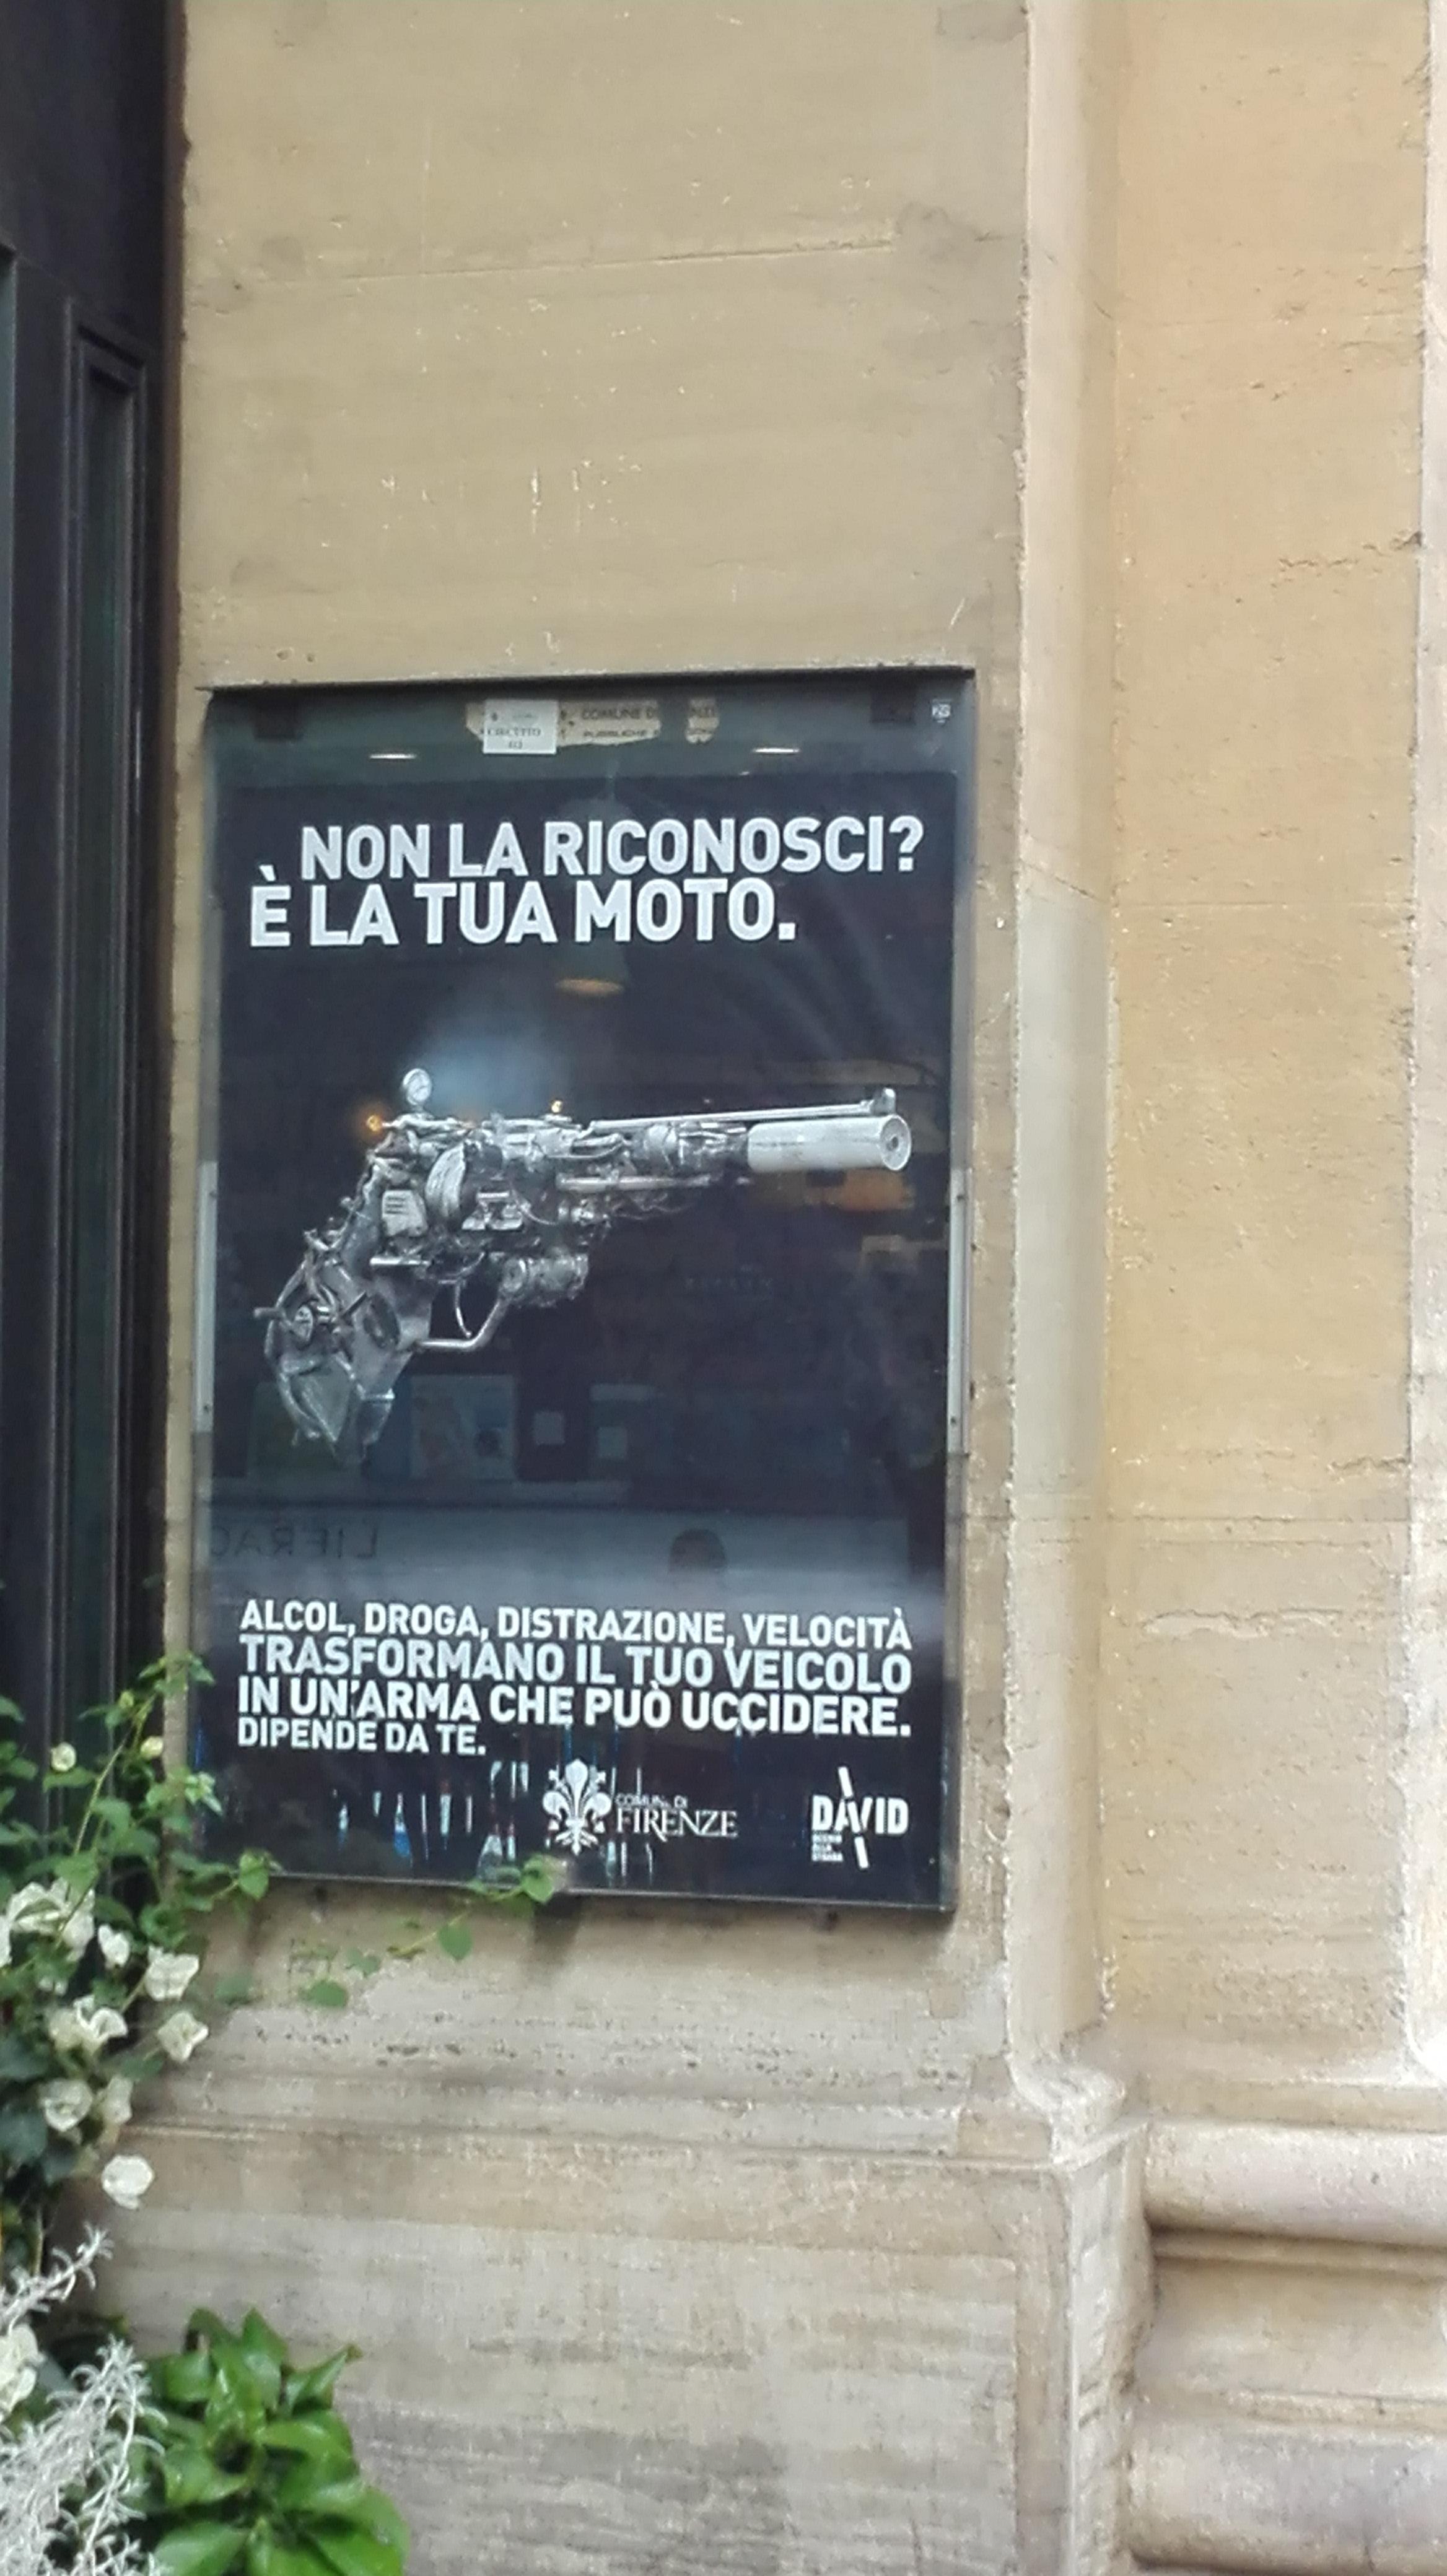 moto come arma